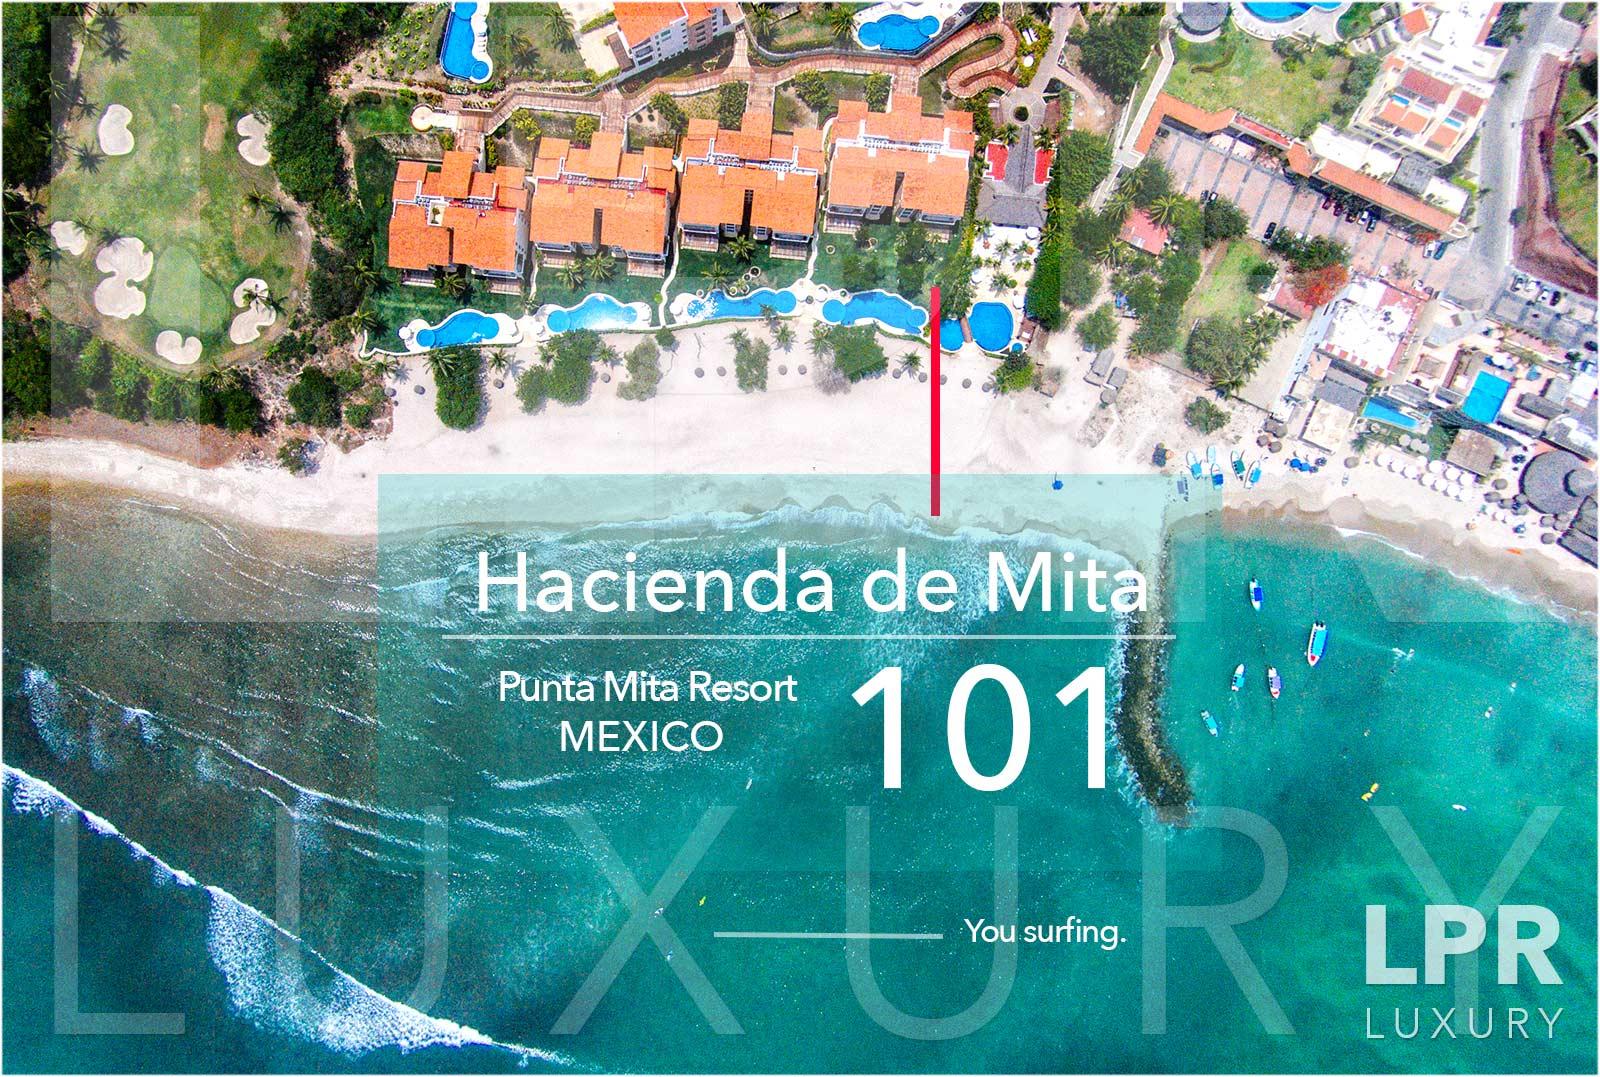 Hacienda de Mita 101 - Punta Mita, Mexico